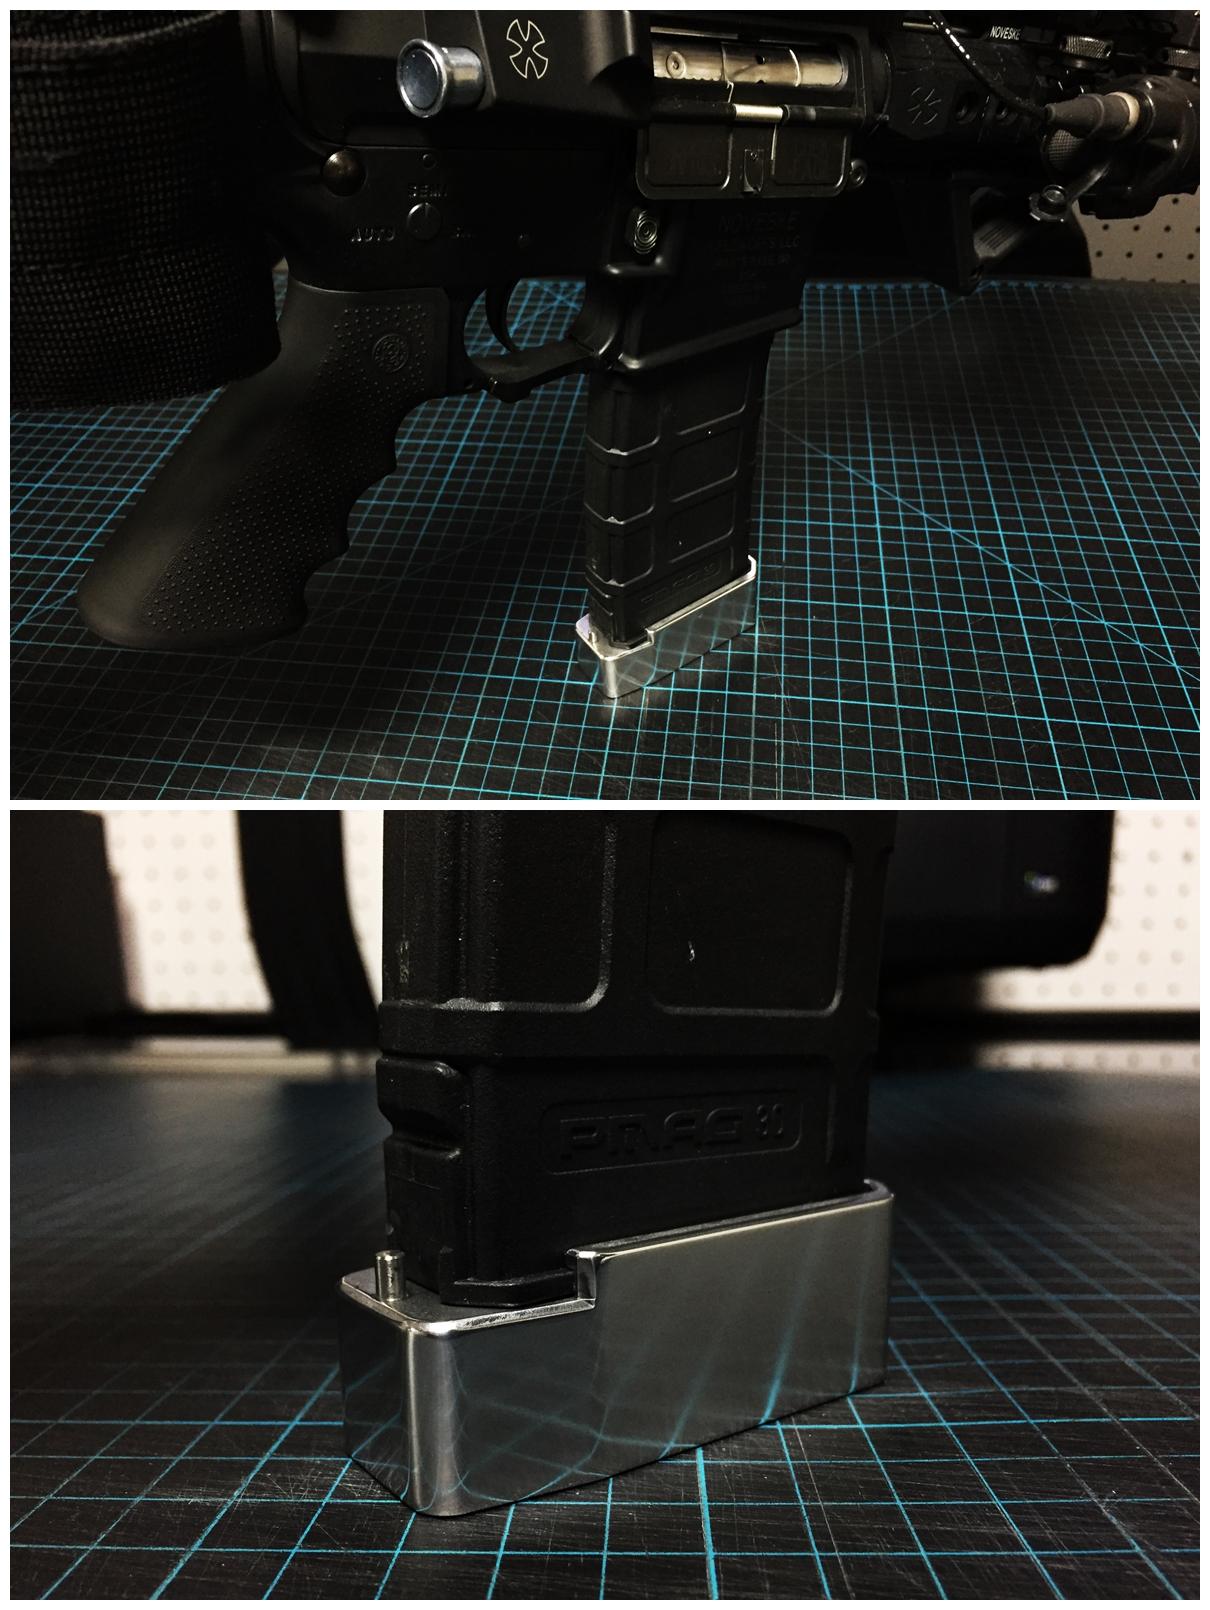 11 簡単 アルマイト 除去 ポリッシュ 鏡面 加工 UAC P-MAG アルミニウム マガジン ベース パッド